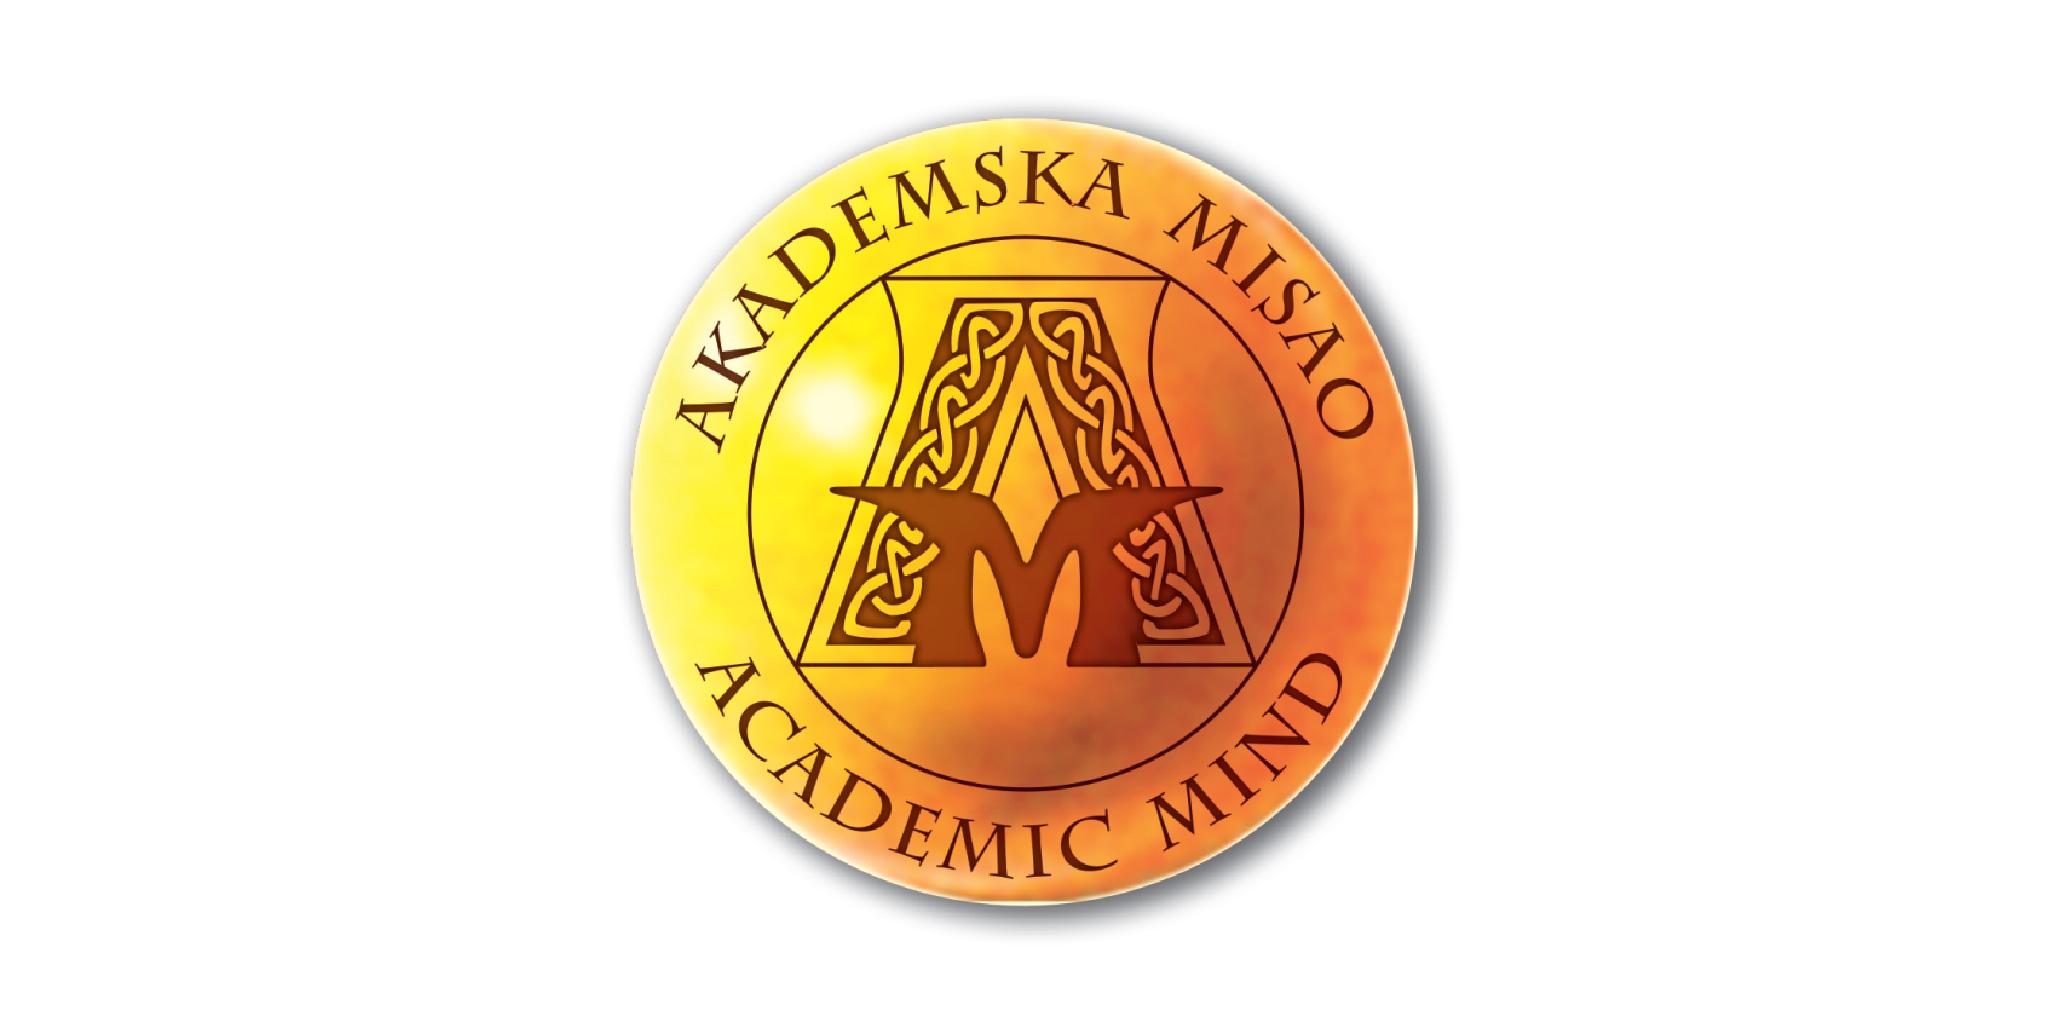 Akademska Misao Logo